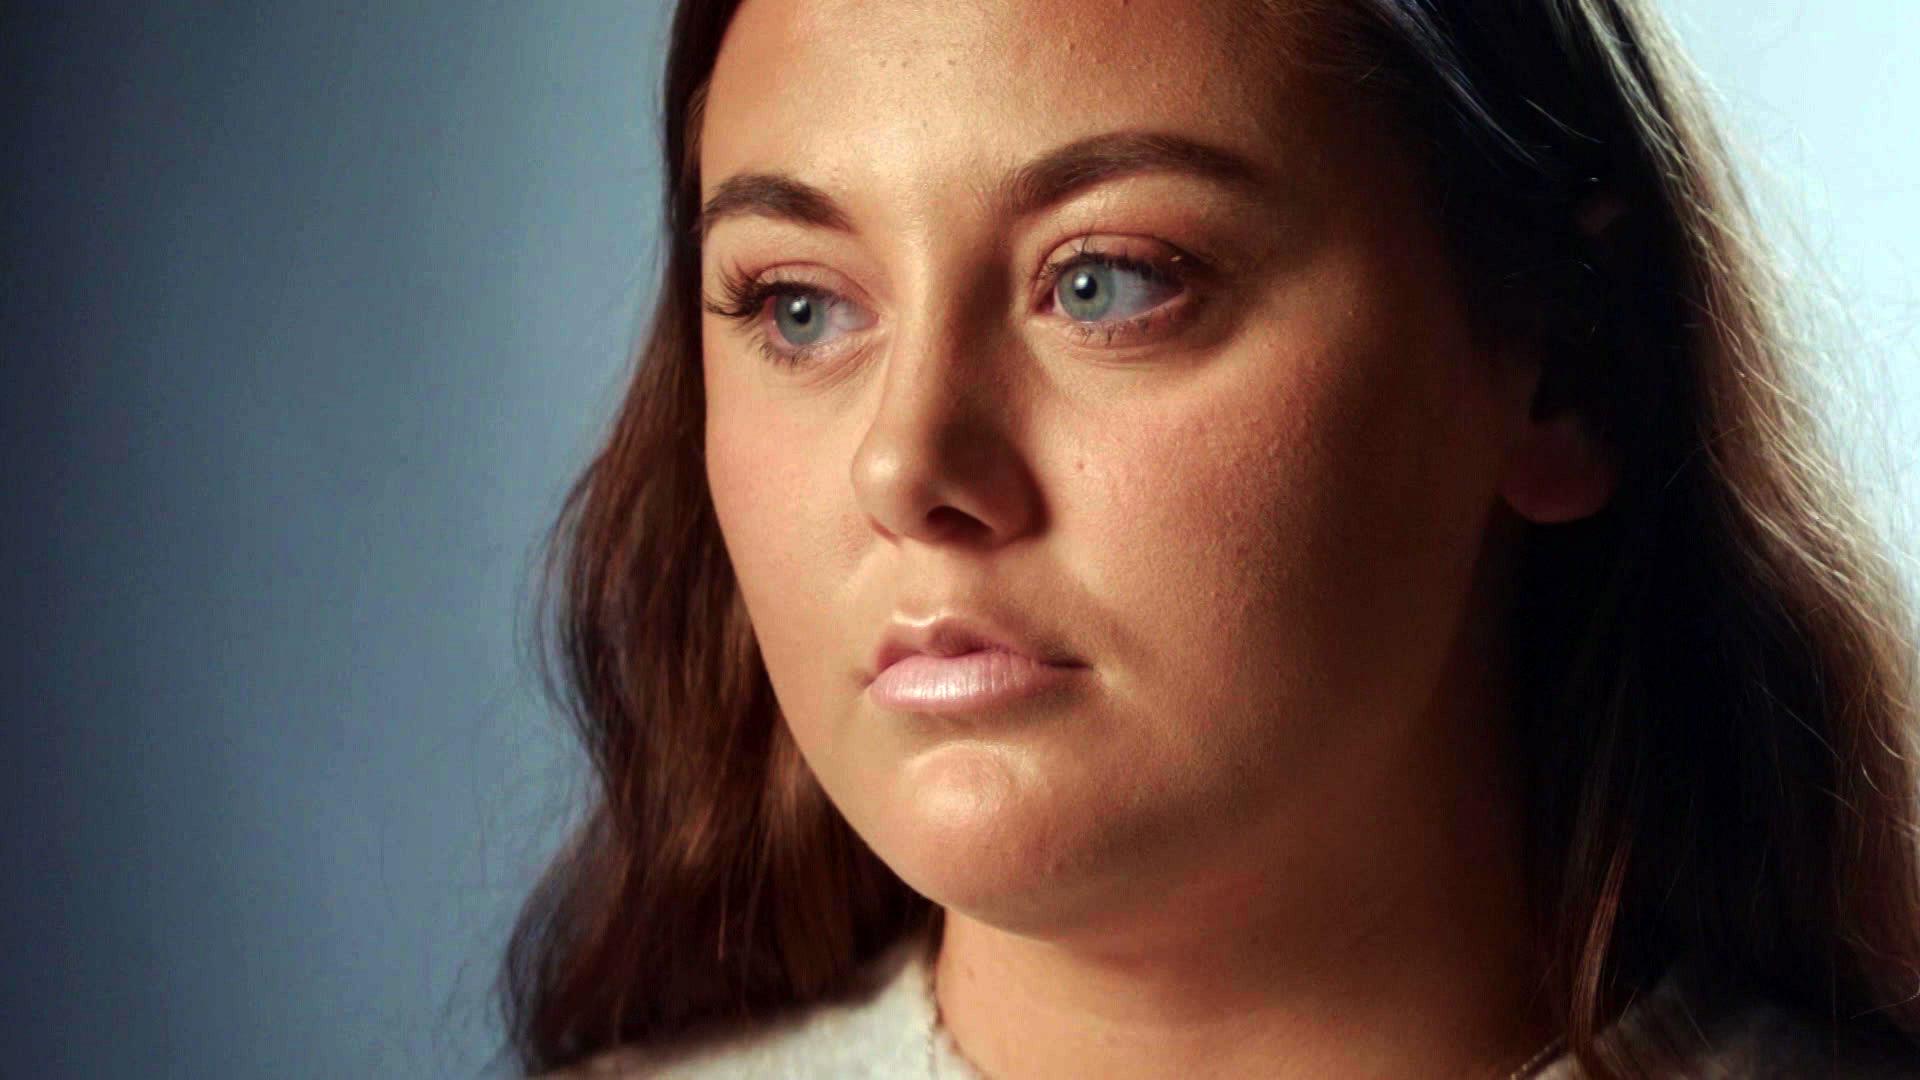 Hende fra videoen